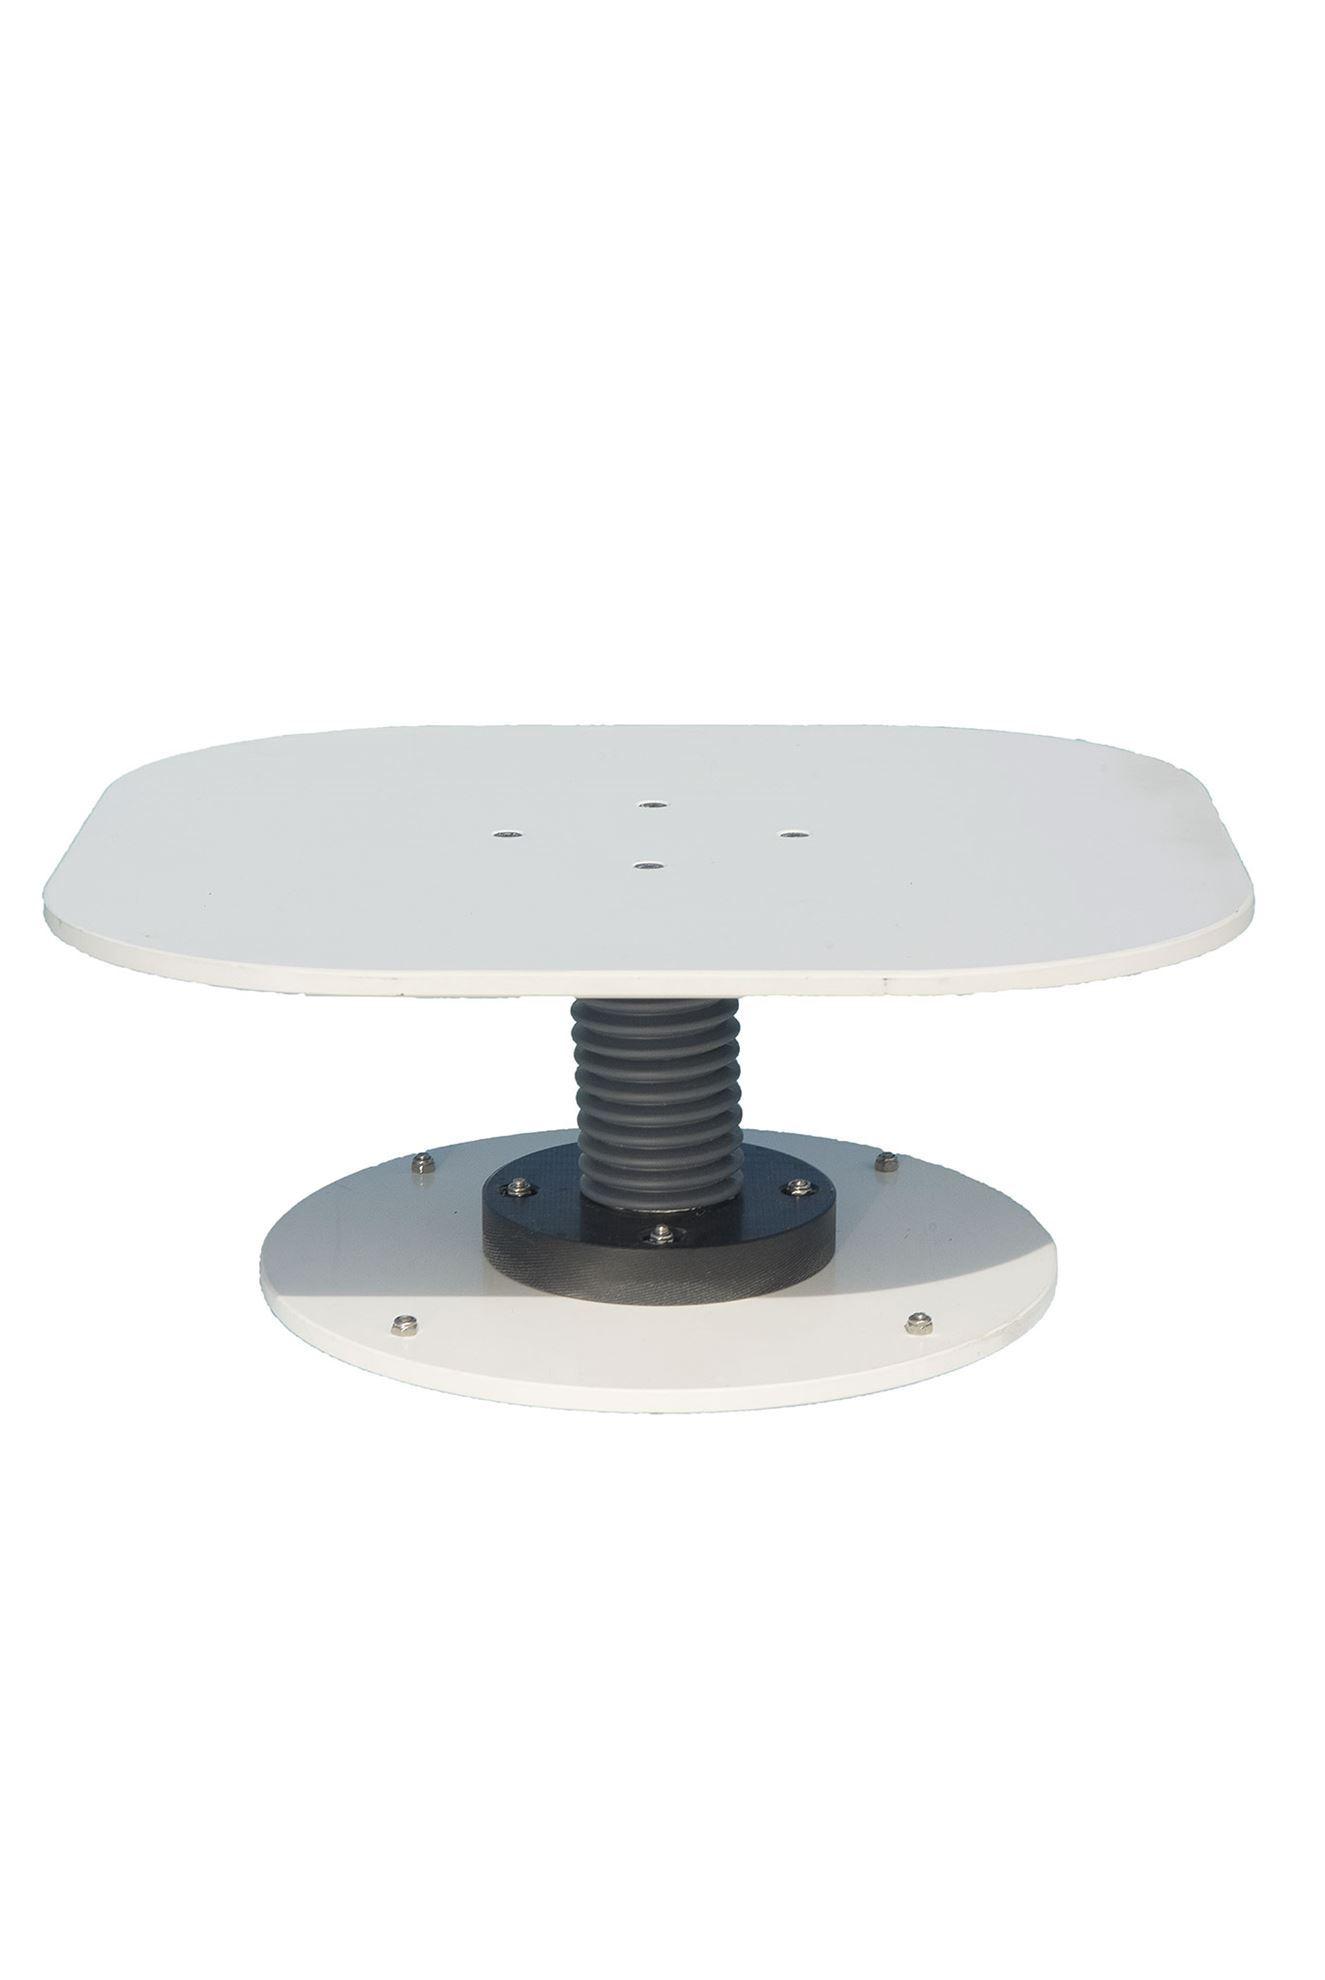 206093 - AQUA PROPRIOCEPTIVE PHYSIO TABLE